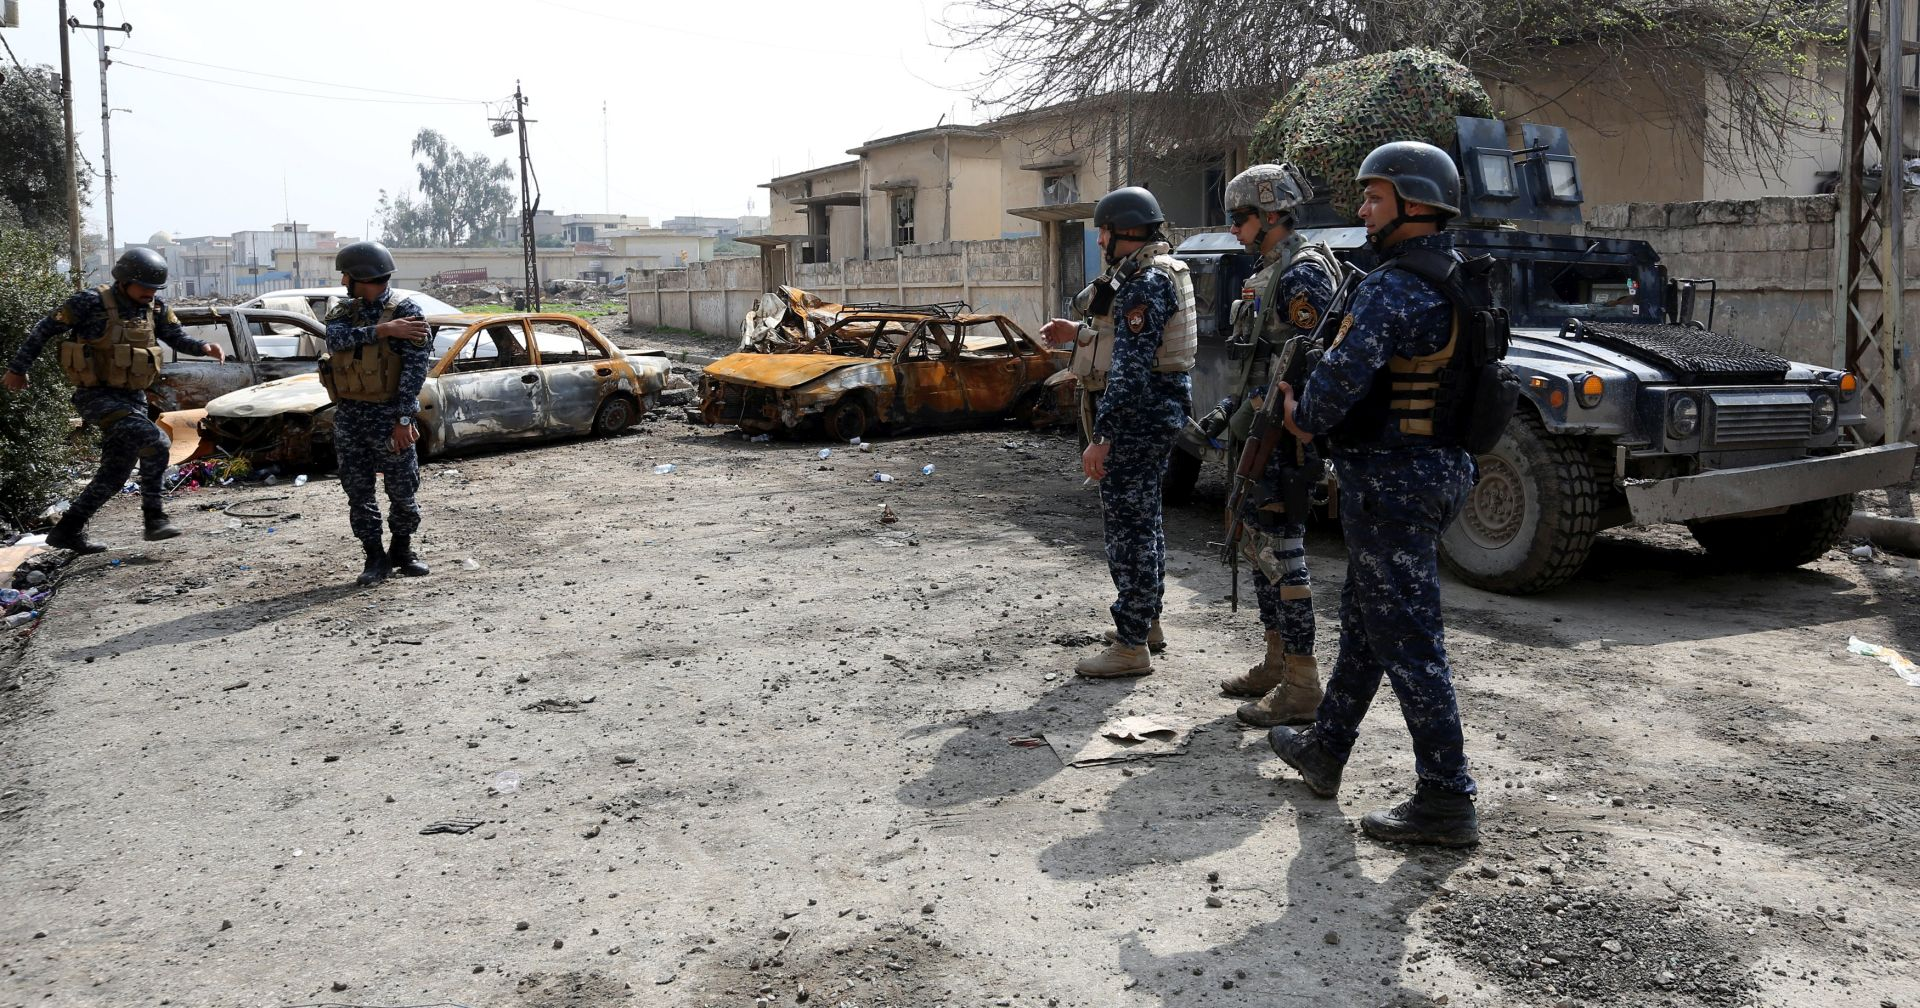 BITKA ZA MOSUL: Iračke snage nastavljaju ofenzivu u Starom gradu